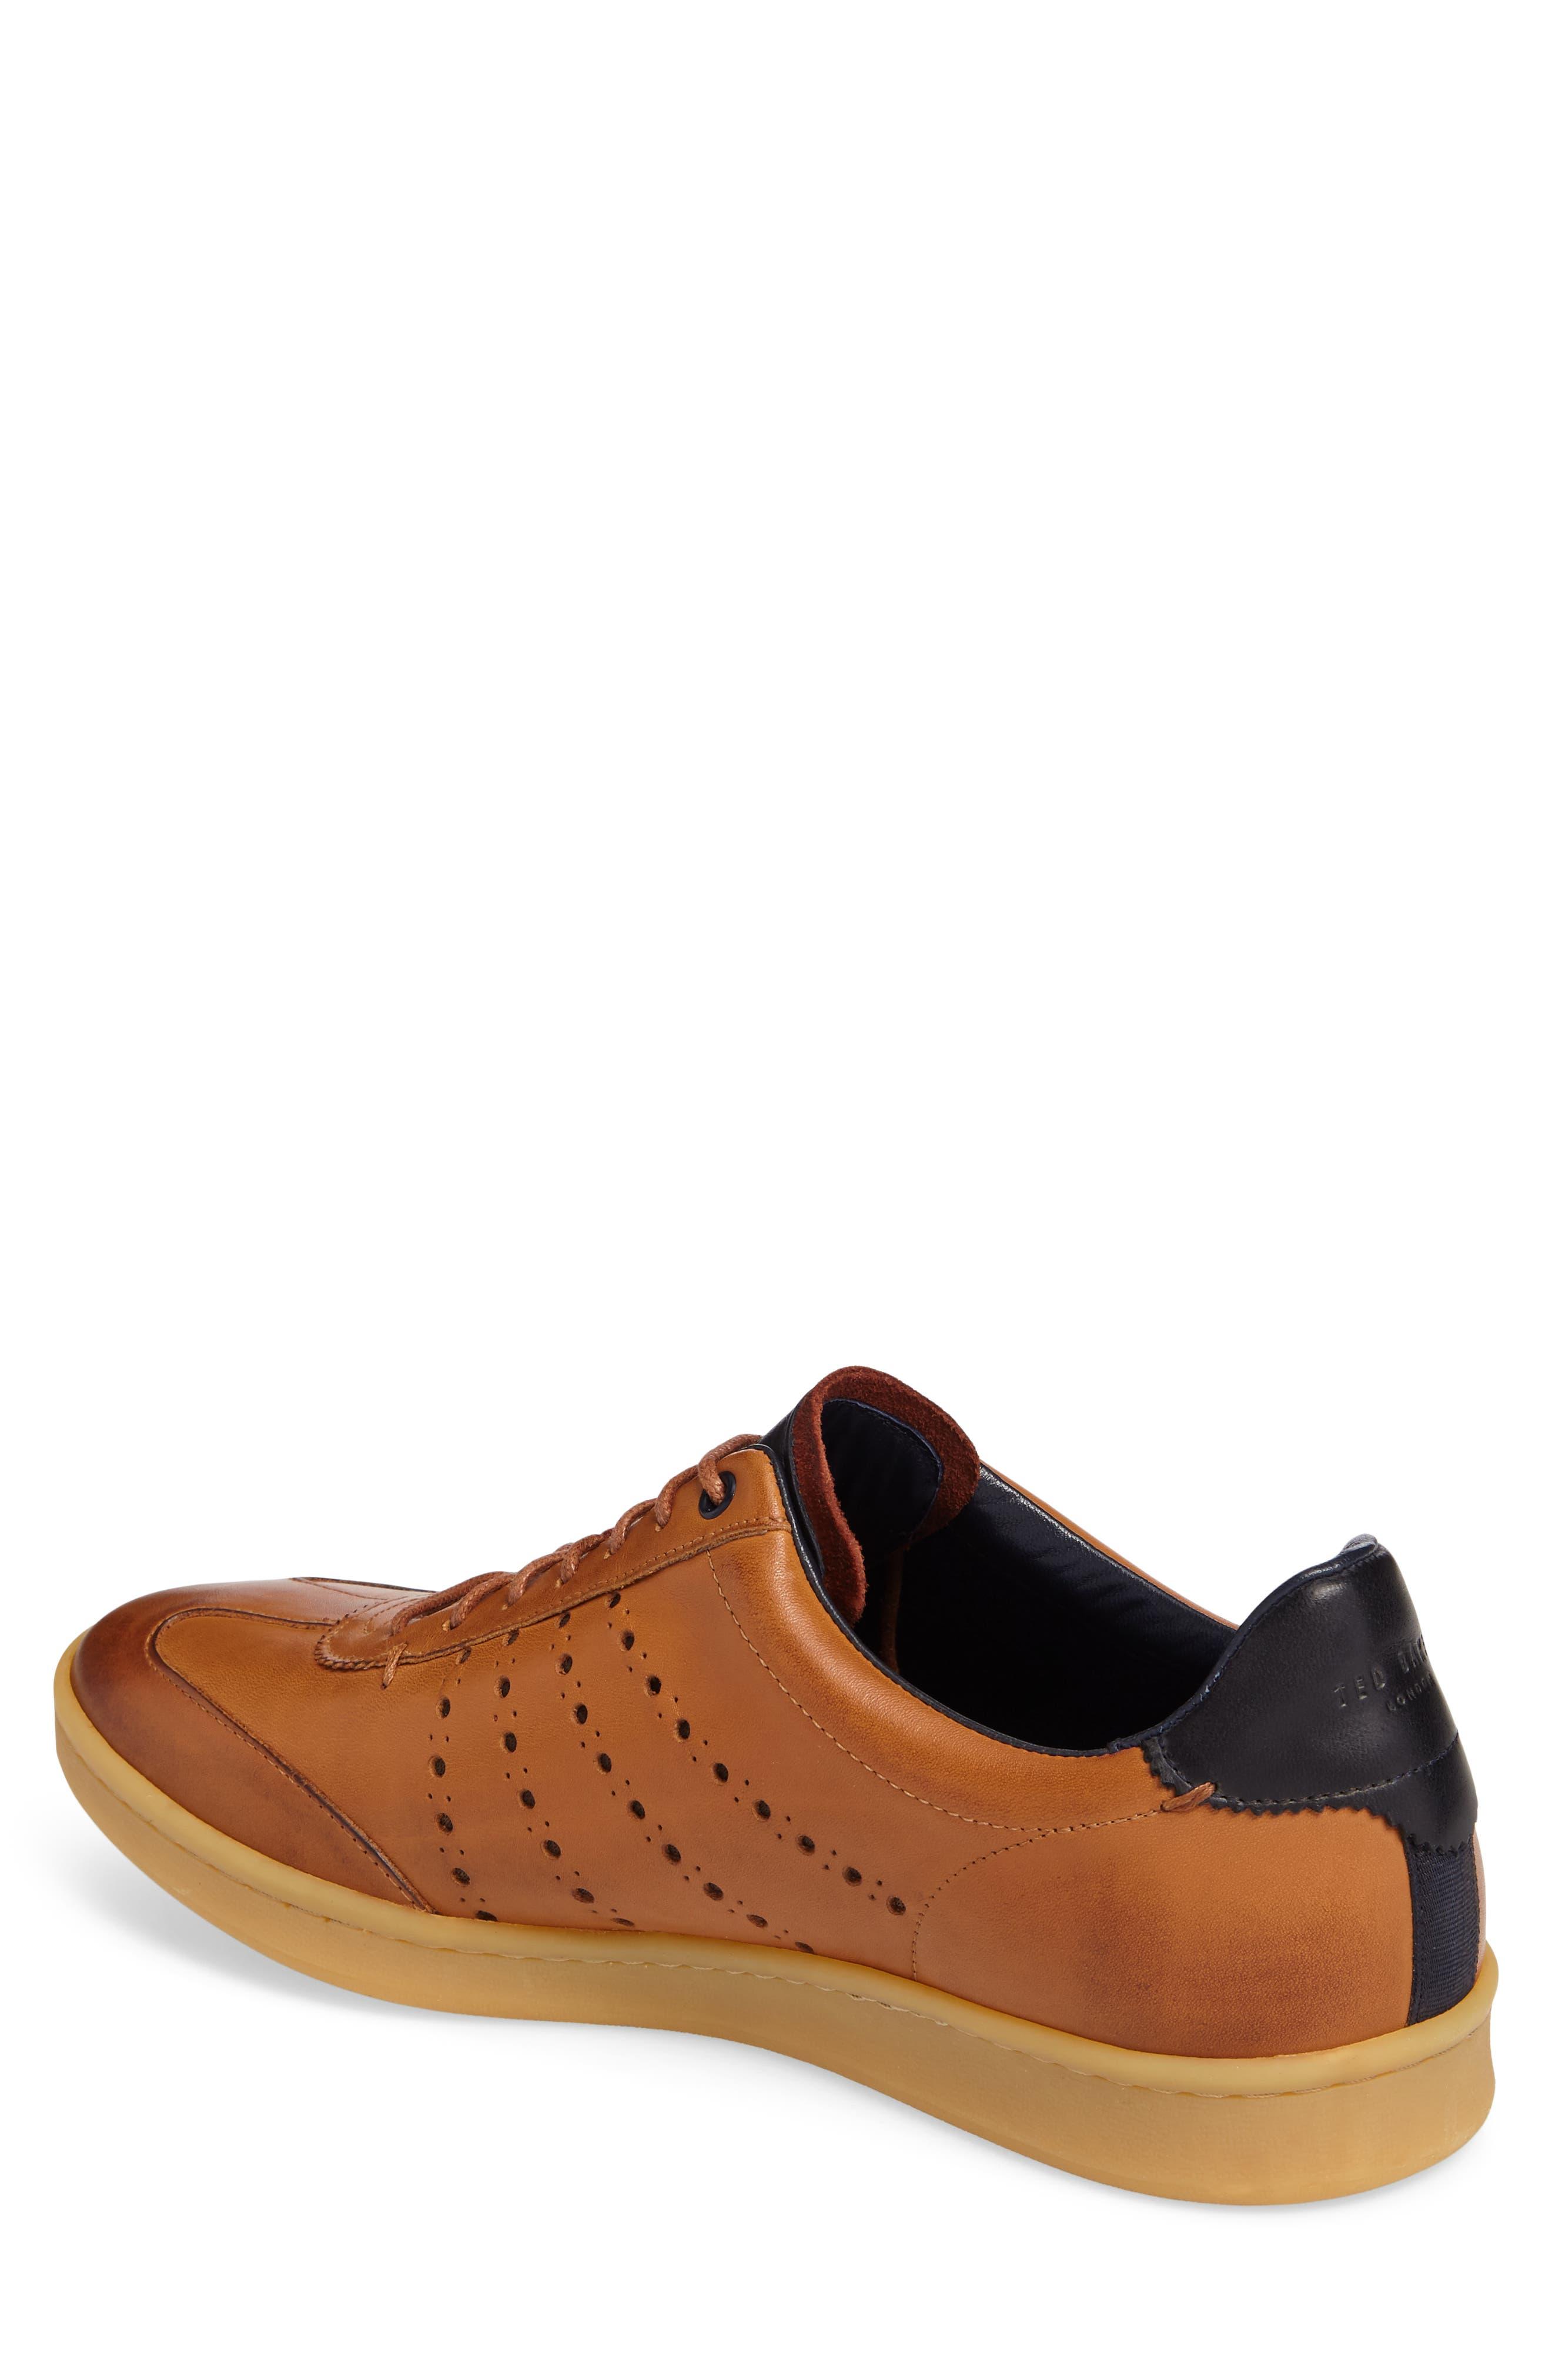 Orlee Sneaker,                             Alternate thumbnail 8, color,